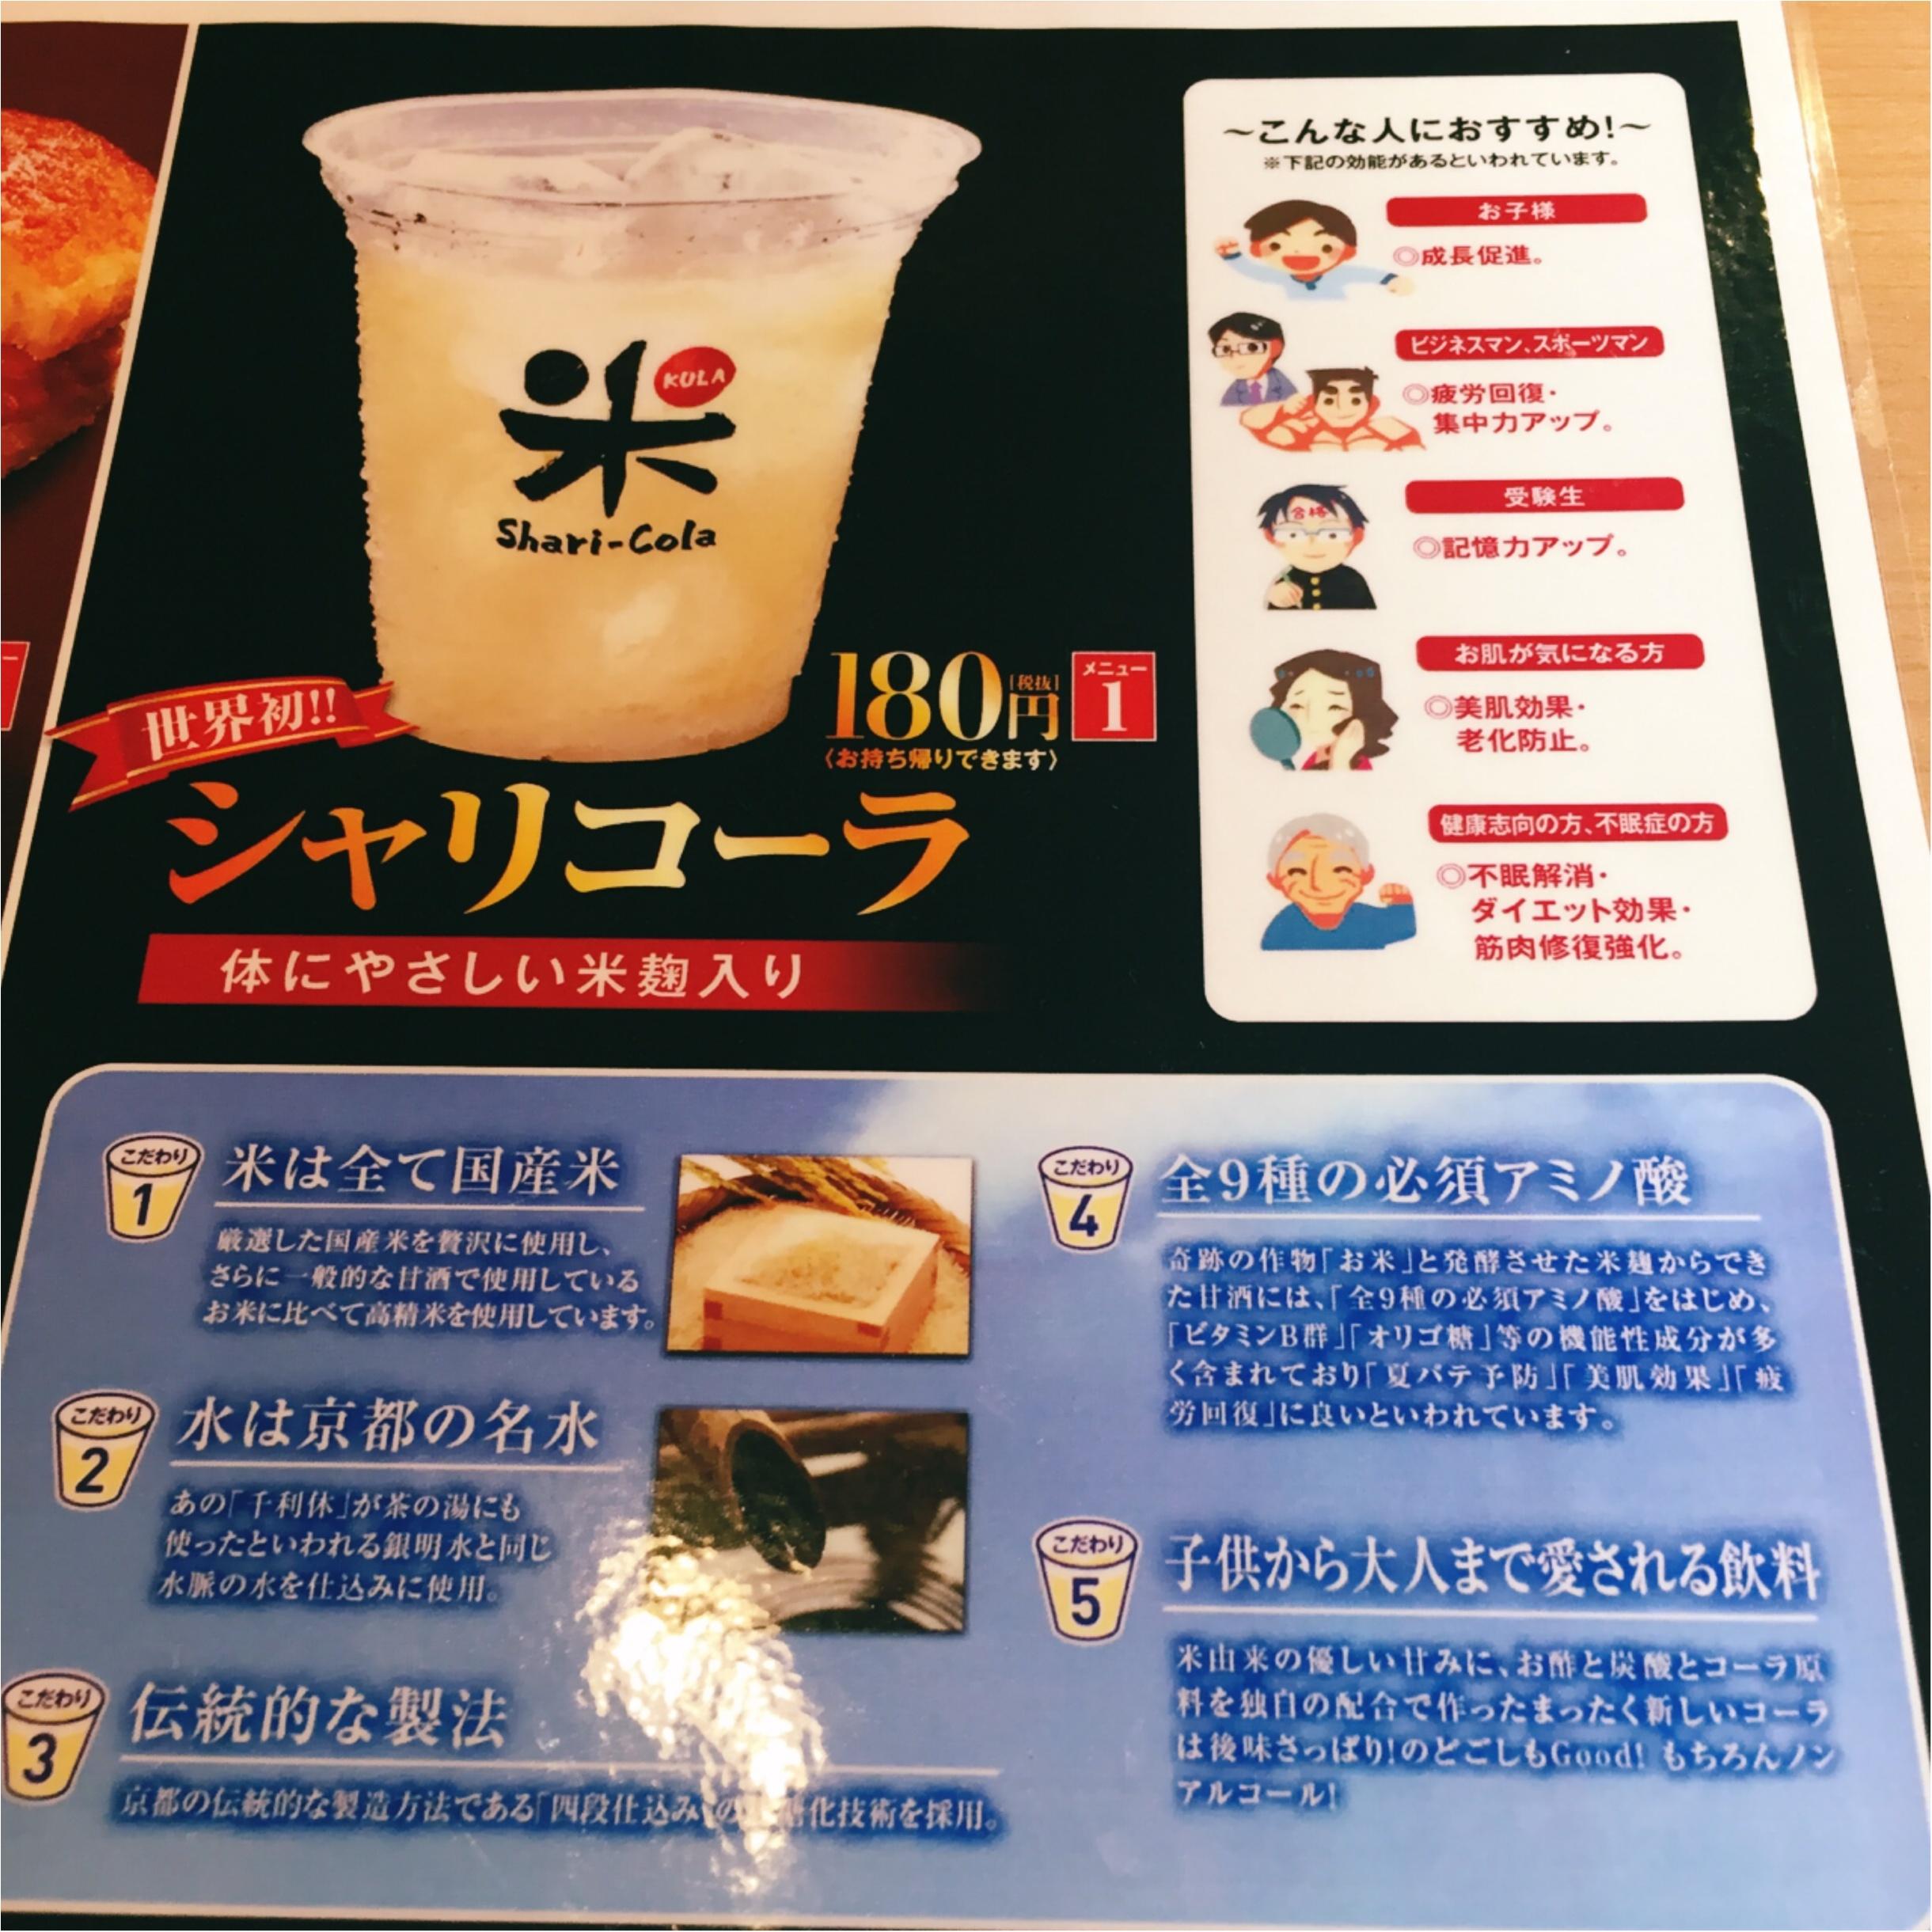 【7/29発売】世界初!?くら寿司の《シャリコーラ》と《シャリカレーパン》を実食❤︎_3